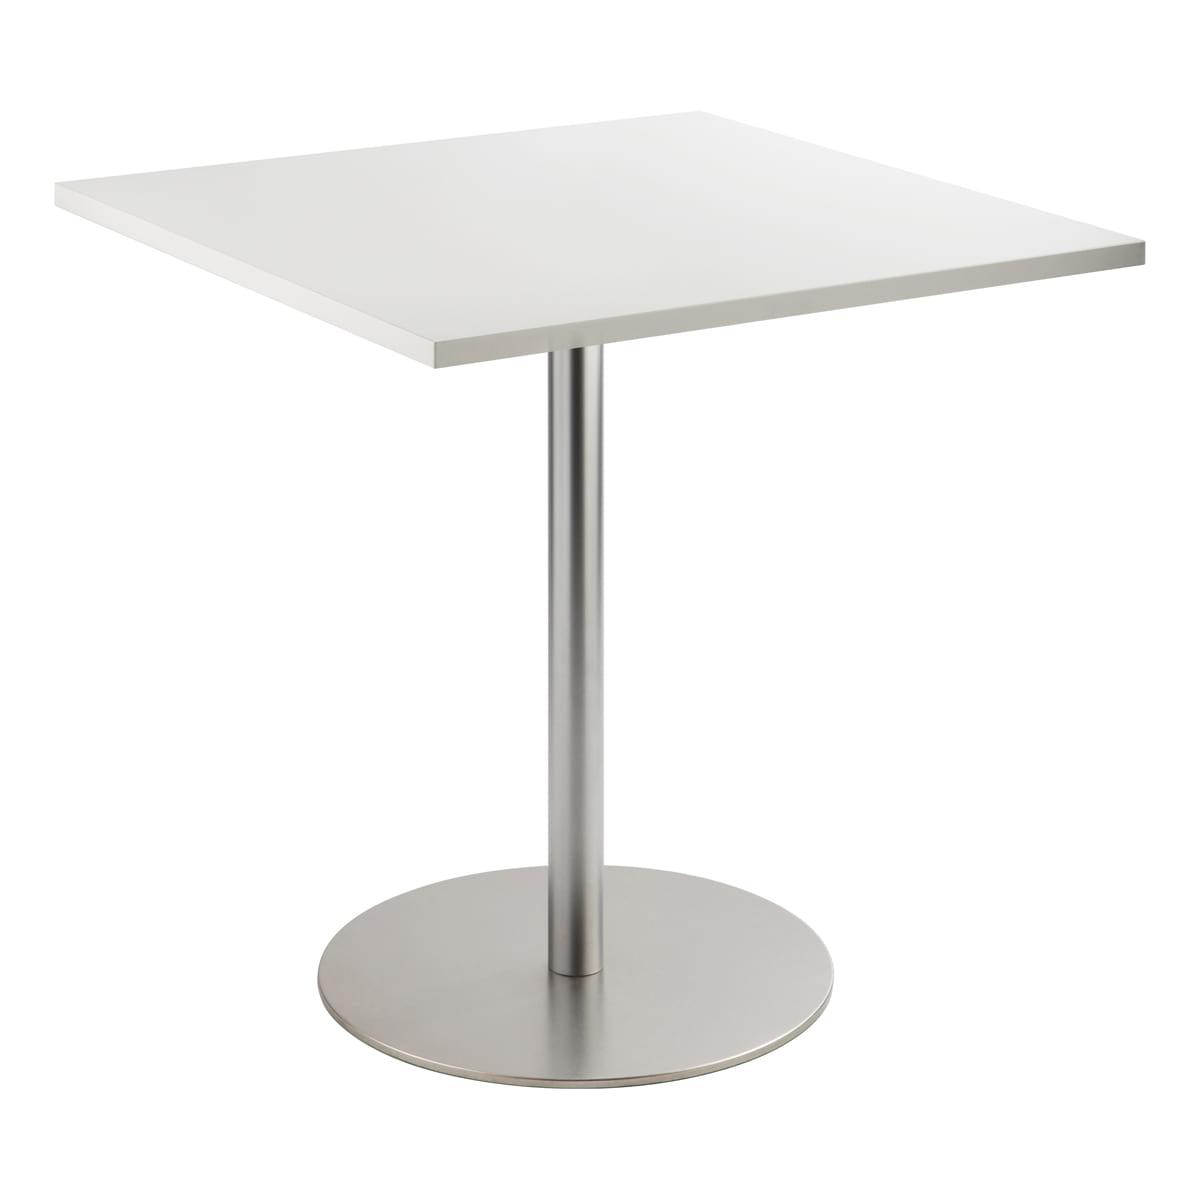 Sitztisch Brio, eckig, weiß